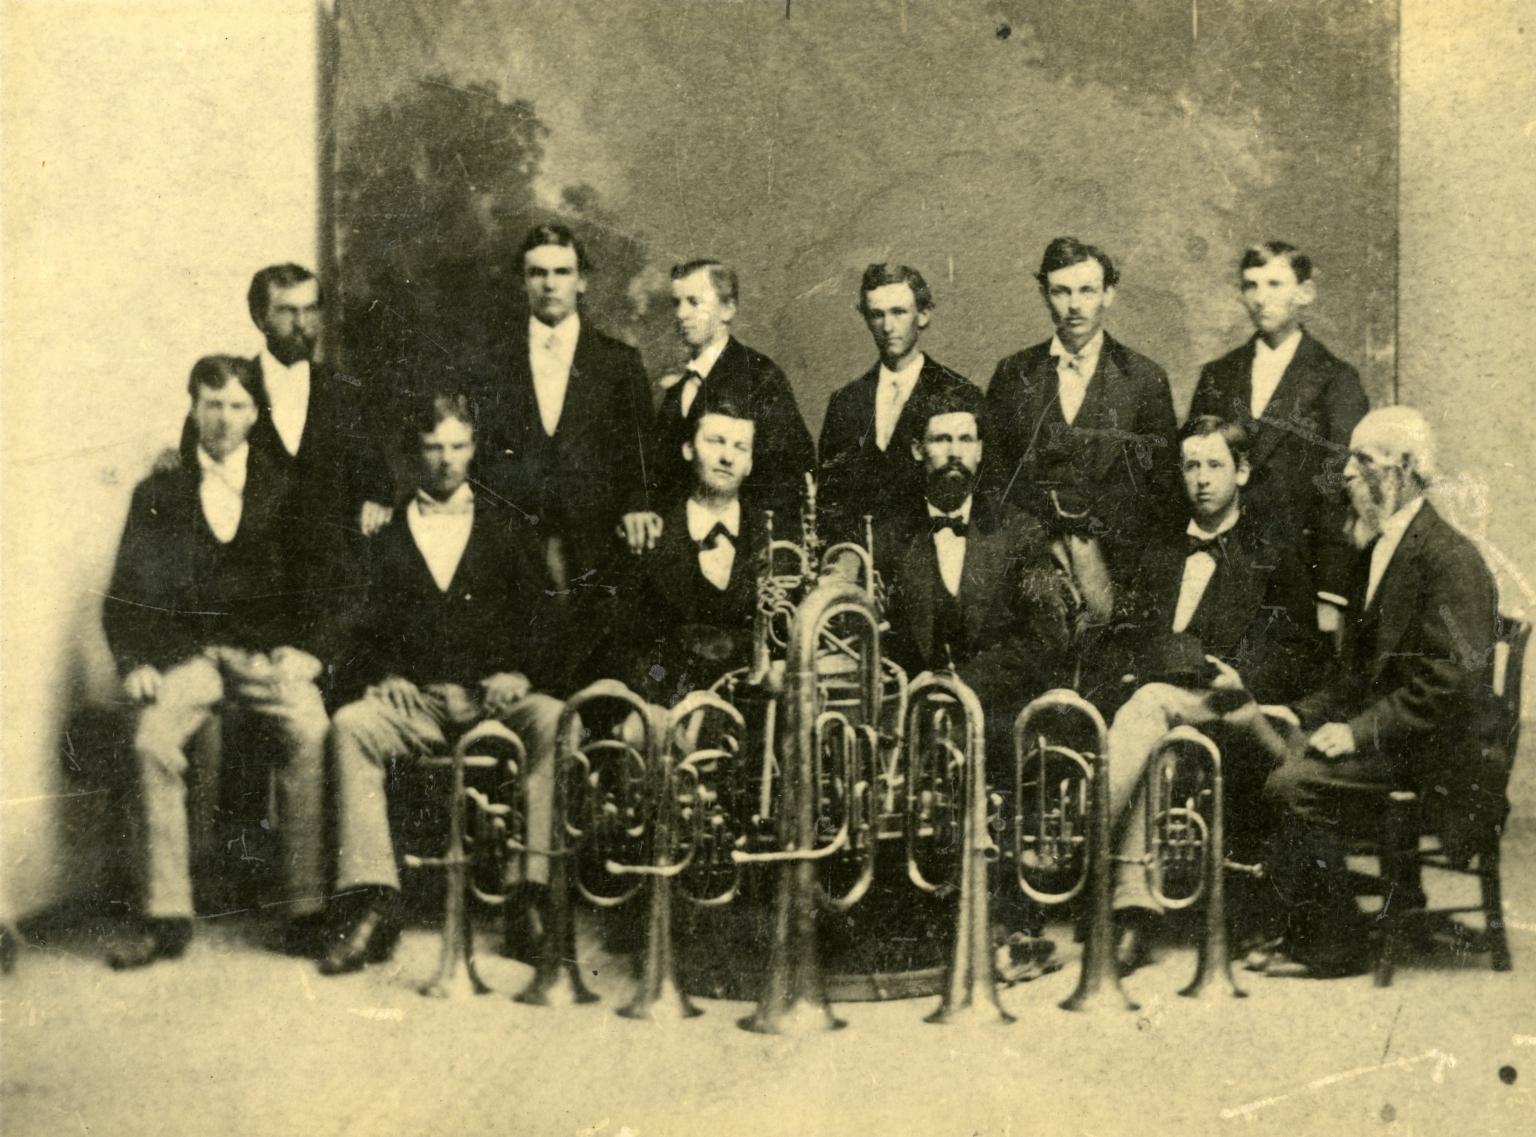 Santa Barbara Brass Band